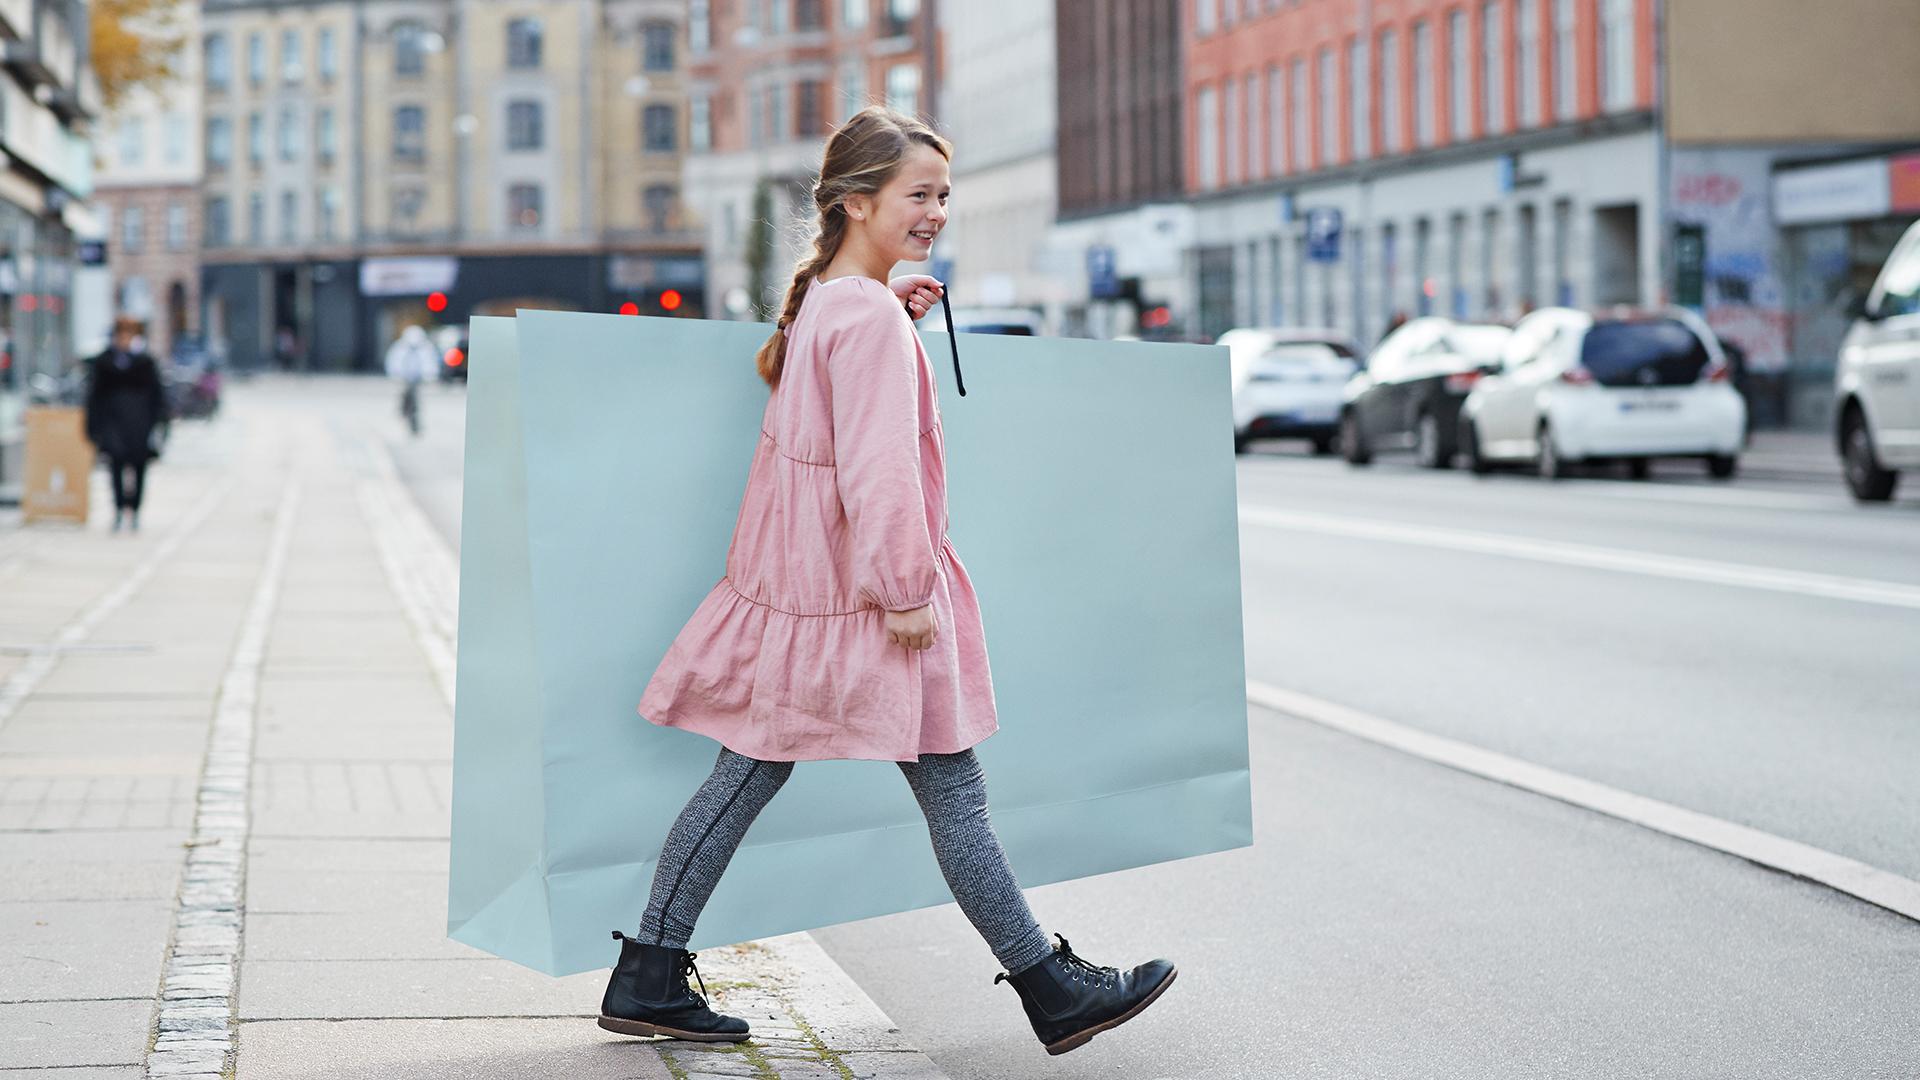 iskolakezdés gyerek vásárlás